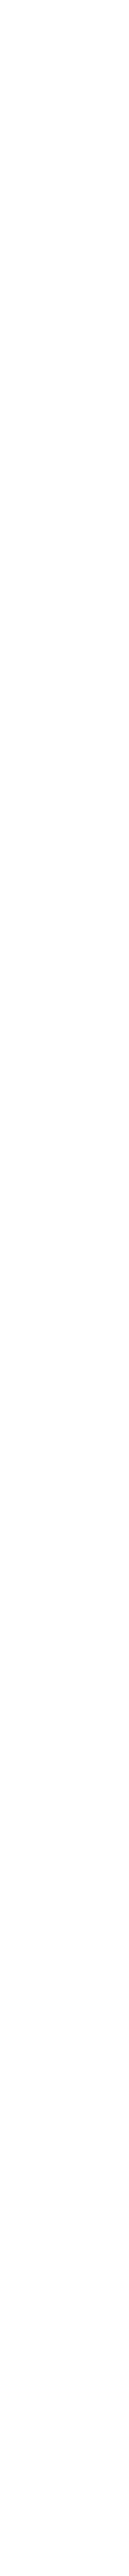 16.obj Télécharger fichier OBJ gratuit Anneau de tissage • Modèle pour imprimante 3D, Alakazam